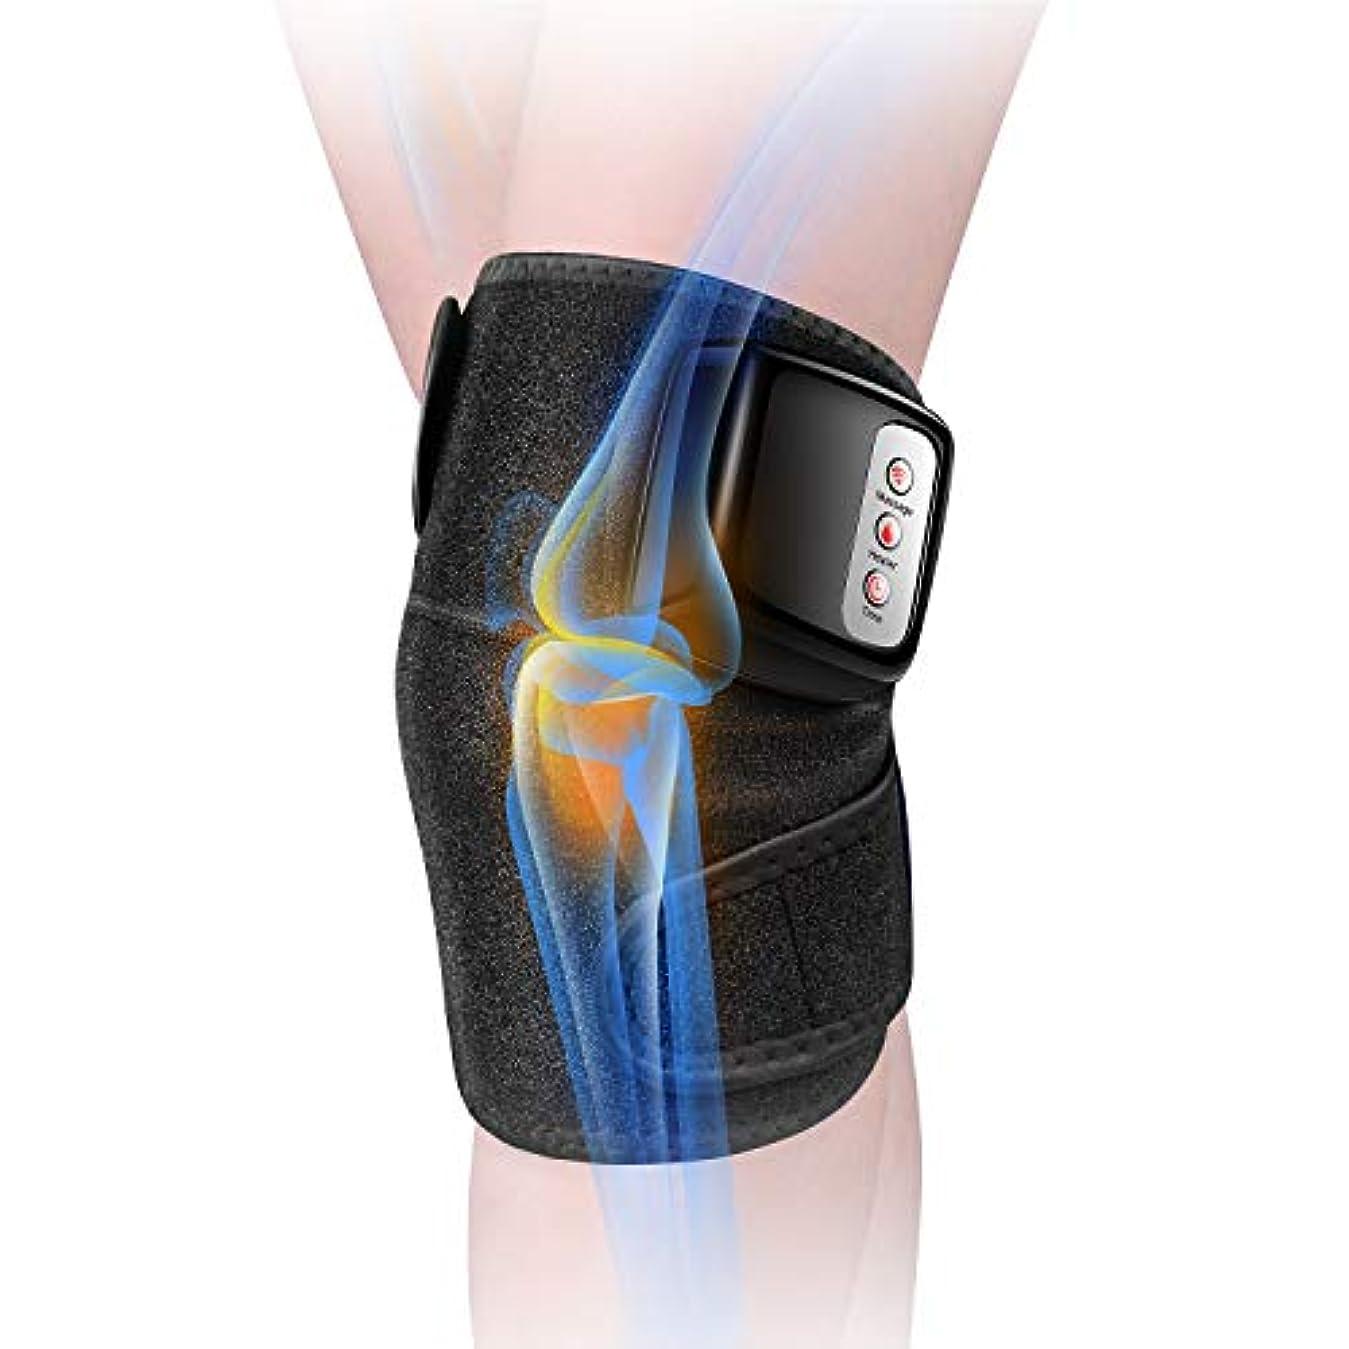 ラバ管理します予測子膝マッサージャー 関節マッサージャー マッサージ器 フットマッサージャー 振動 赤外線療法 温熱療法 膝サポーター ストレス解消 肩 太もも/腕対応